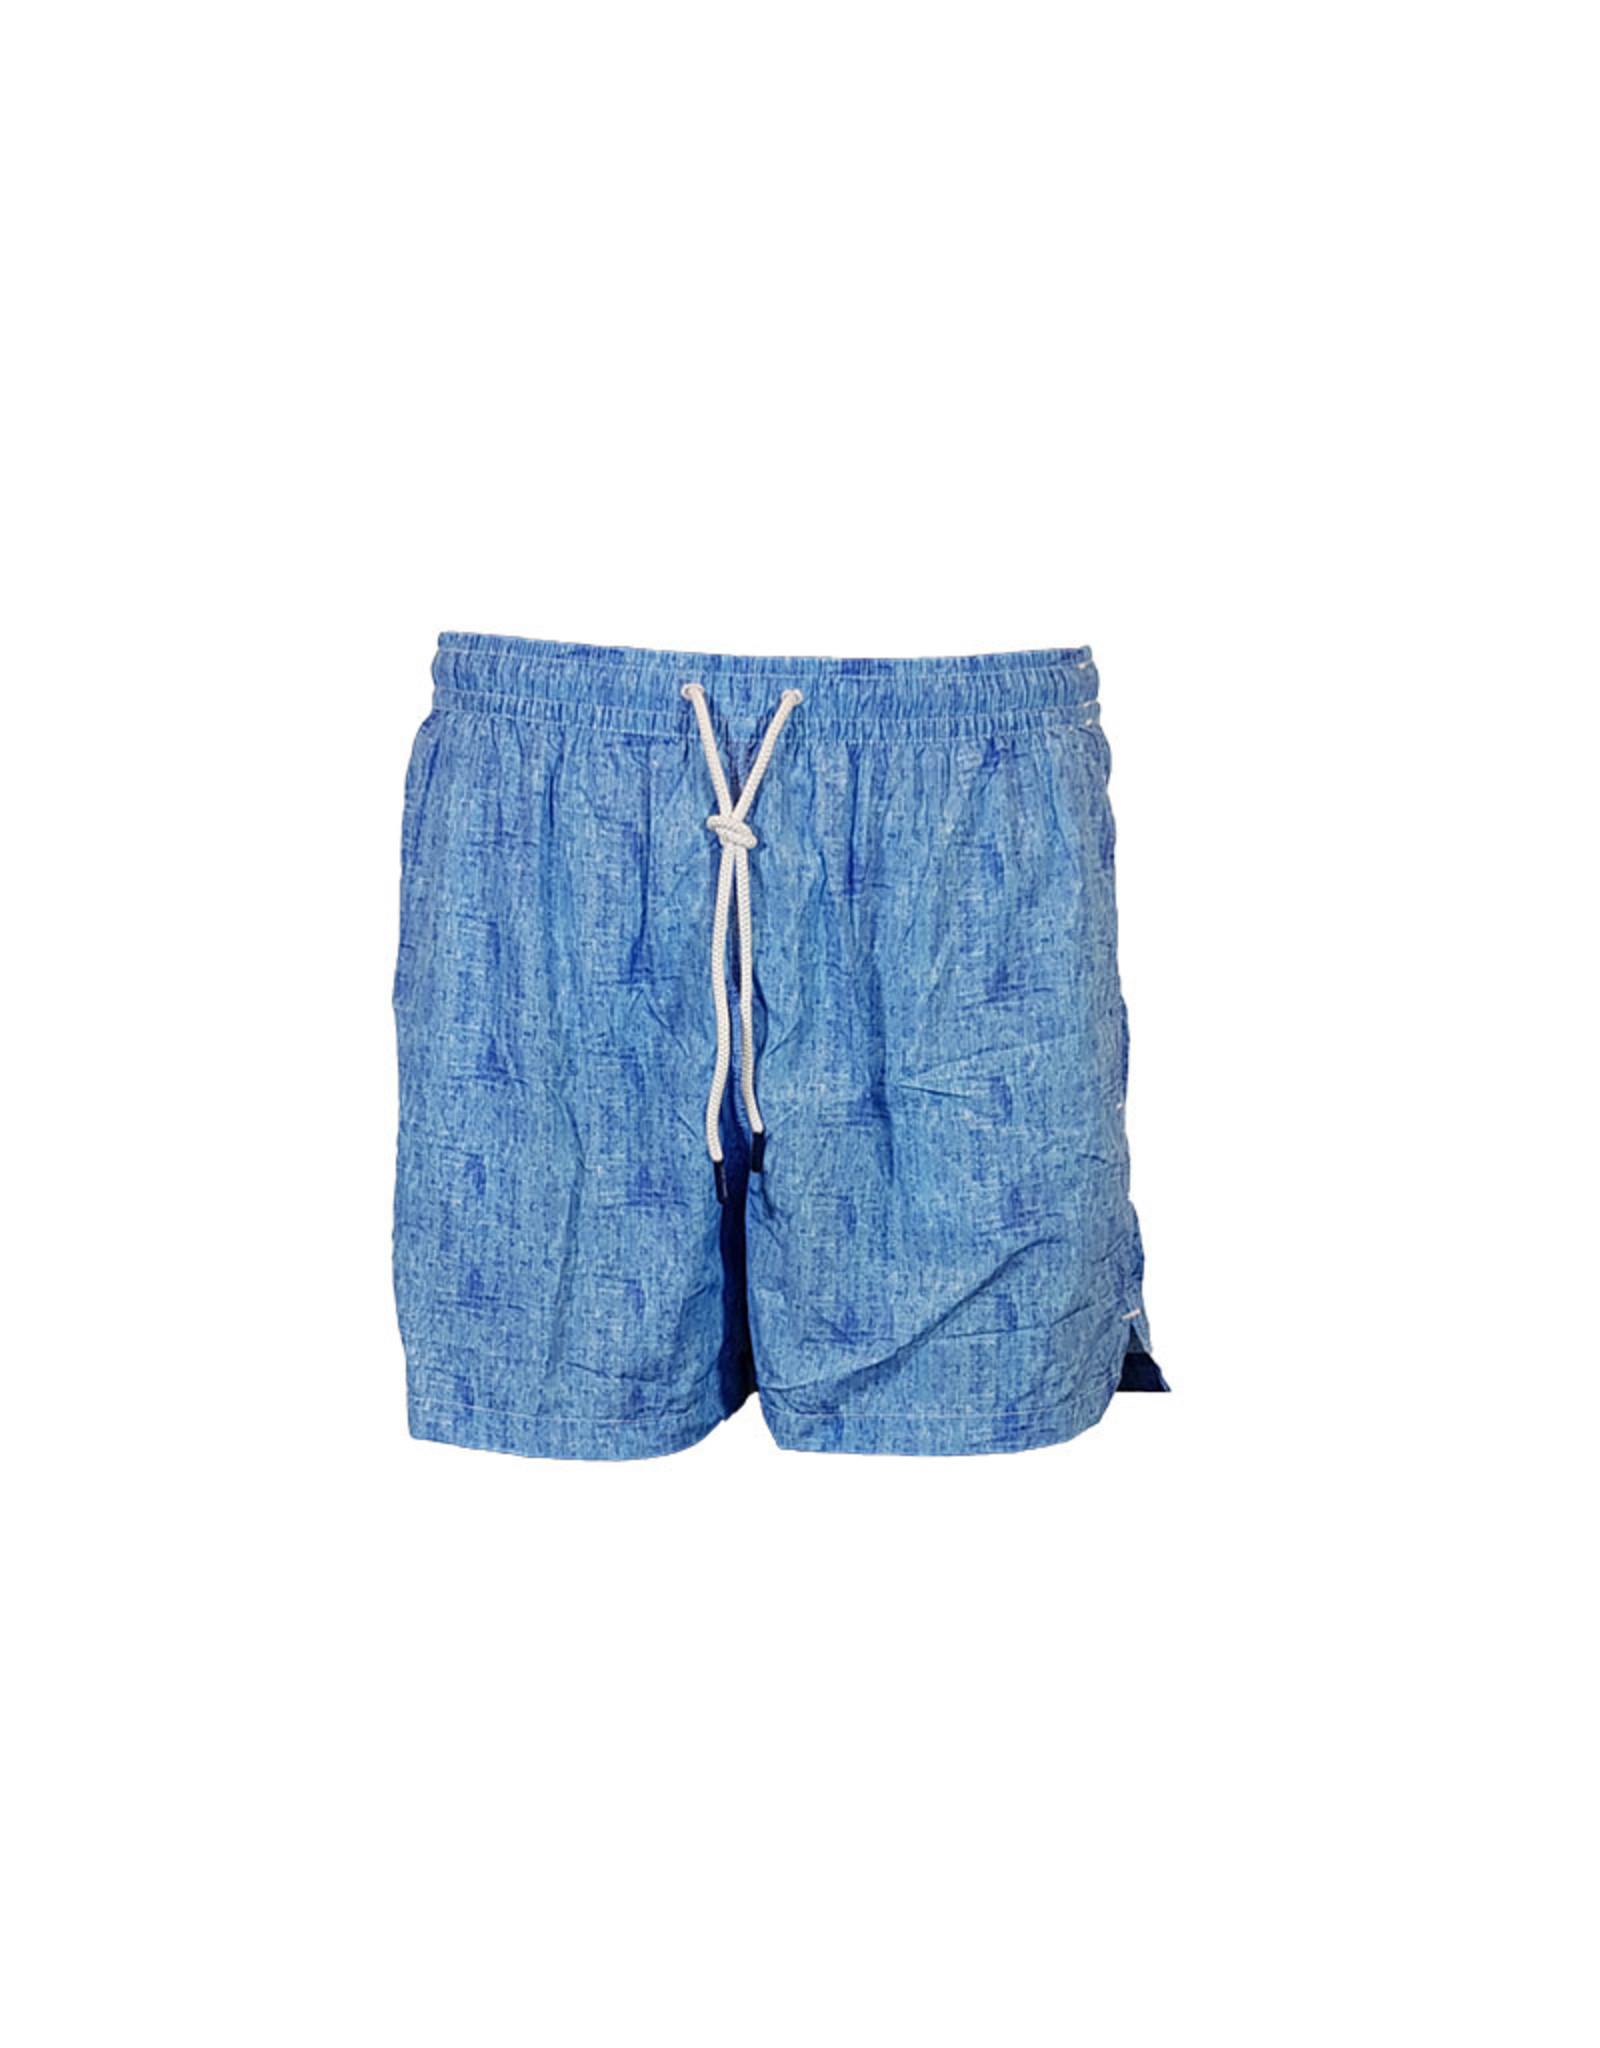 Gran Sasso Gran Sasso zwembroek blauw 51700/001 M:90101